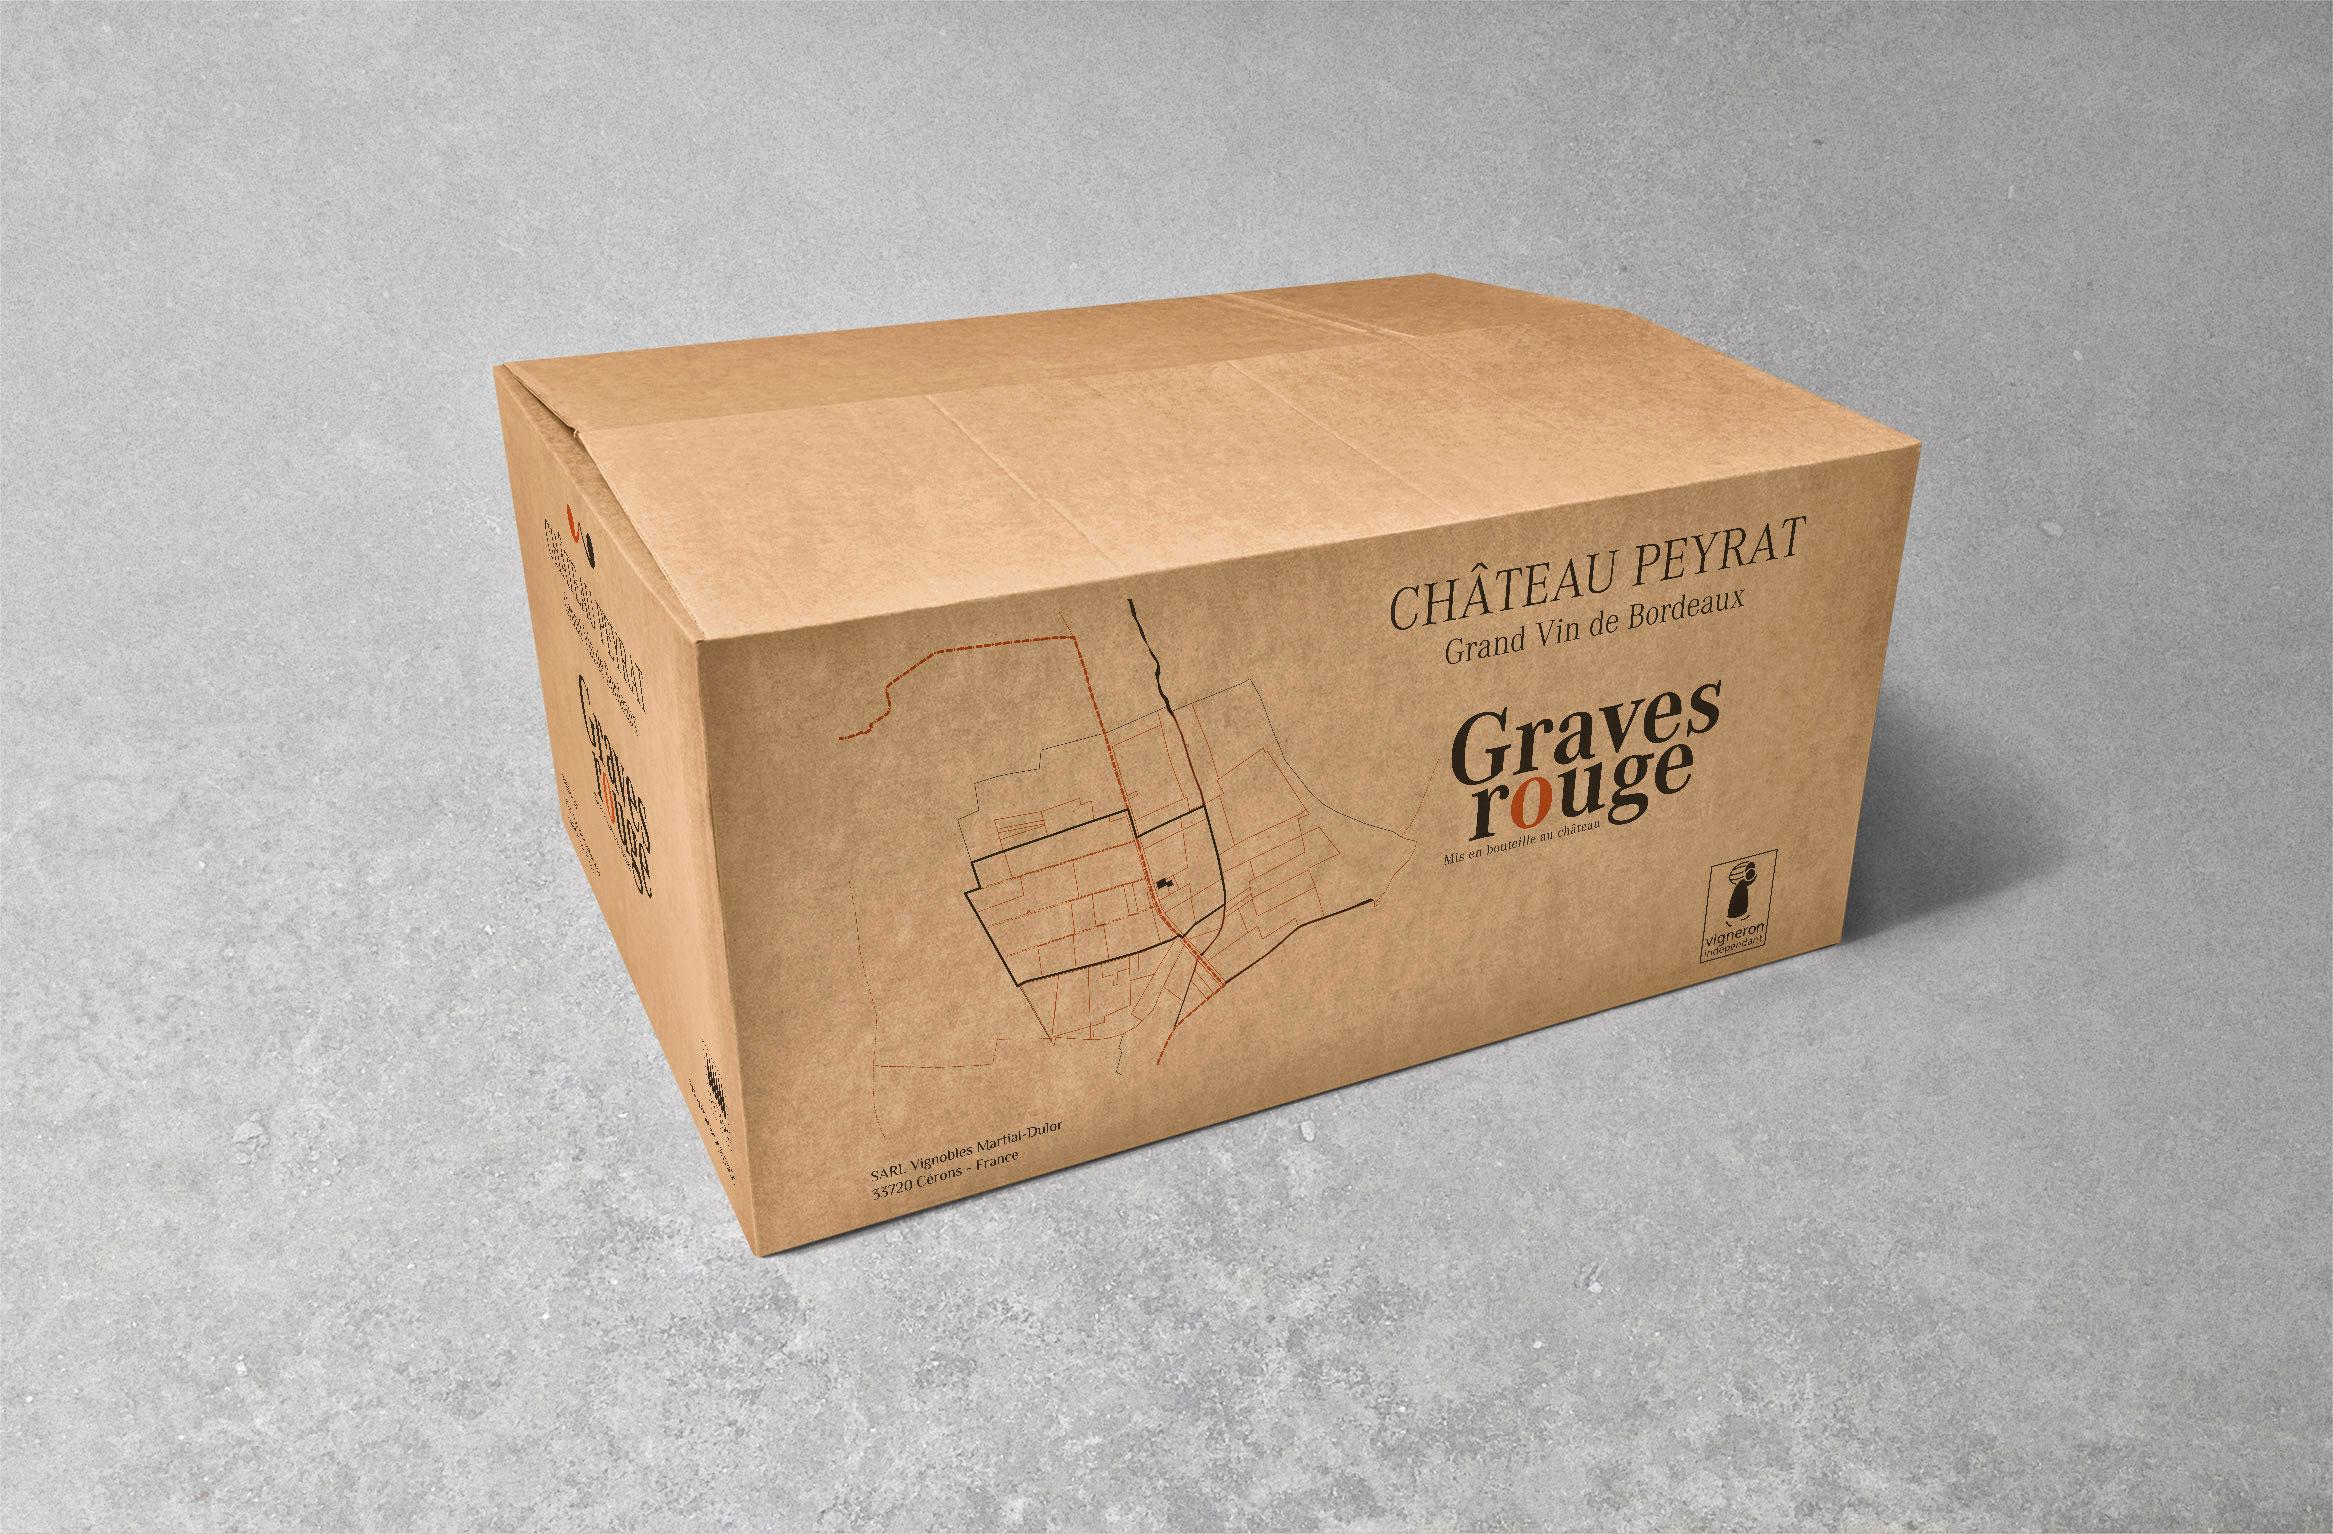 Chateau Peyrat Carton Graves